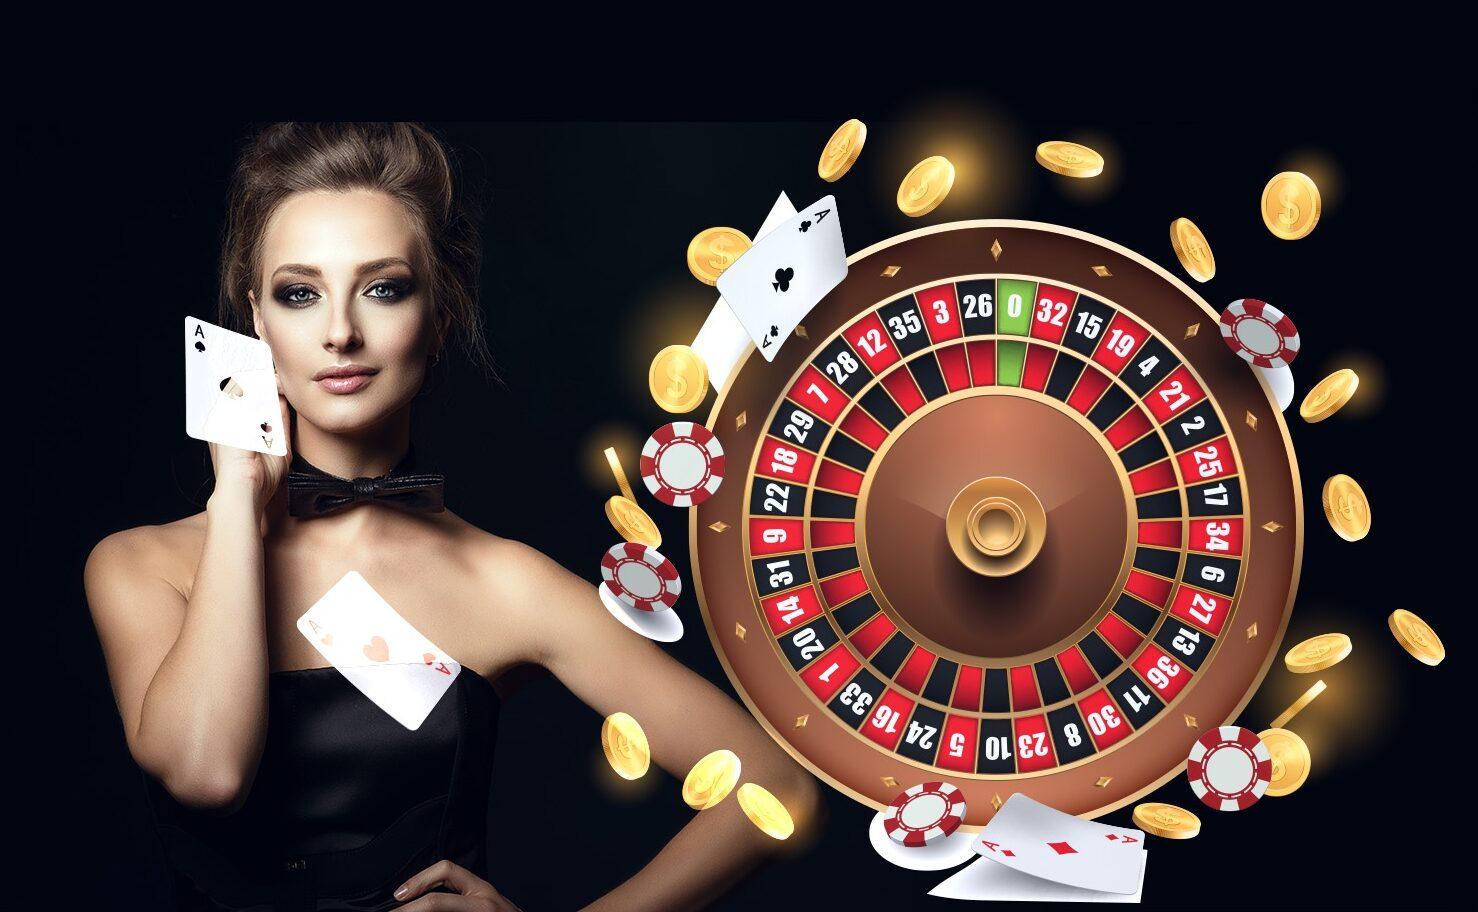 Почему онлайн-казино так популярны?